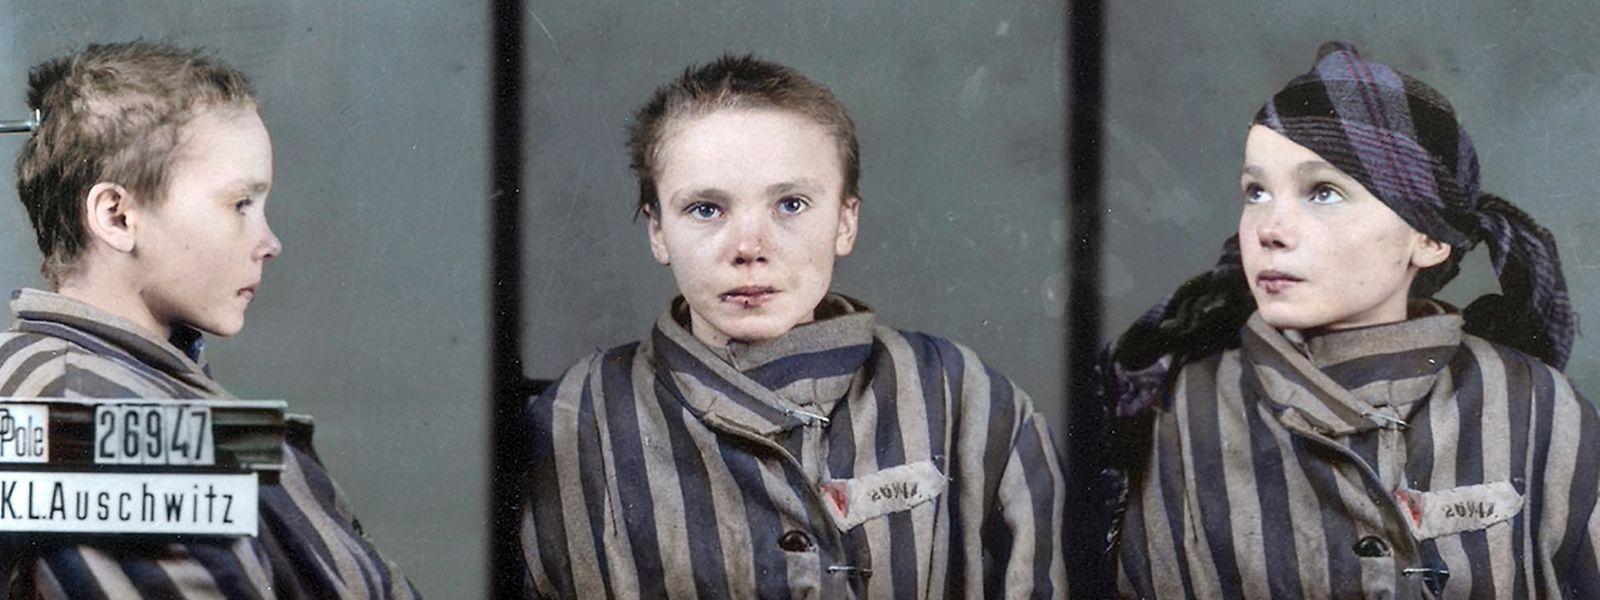 Zum Leben (wieder-)erweckt: Die Gefangene Nummer 26947, die 14-jährige Czesława Kwoka, die am 15. August 1928 im polnischen Wólka Złojecka geboren wurde...